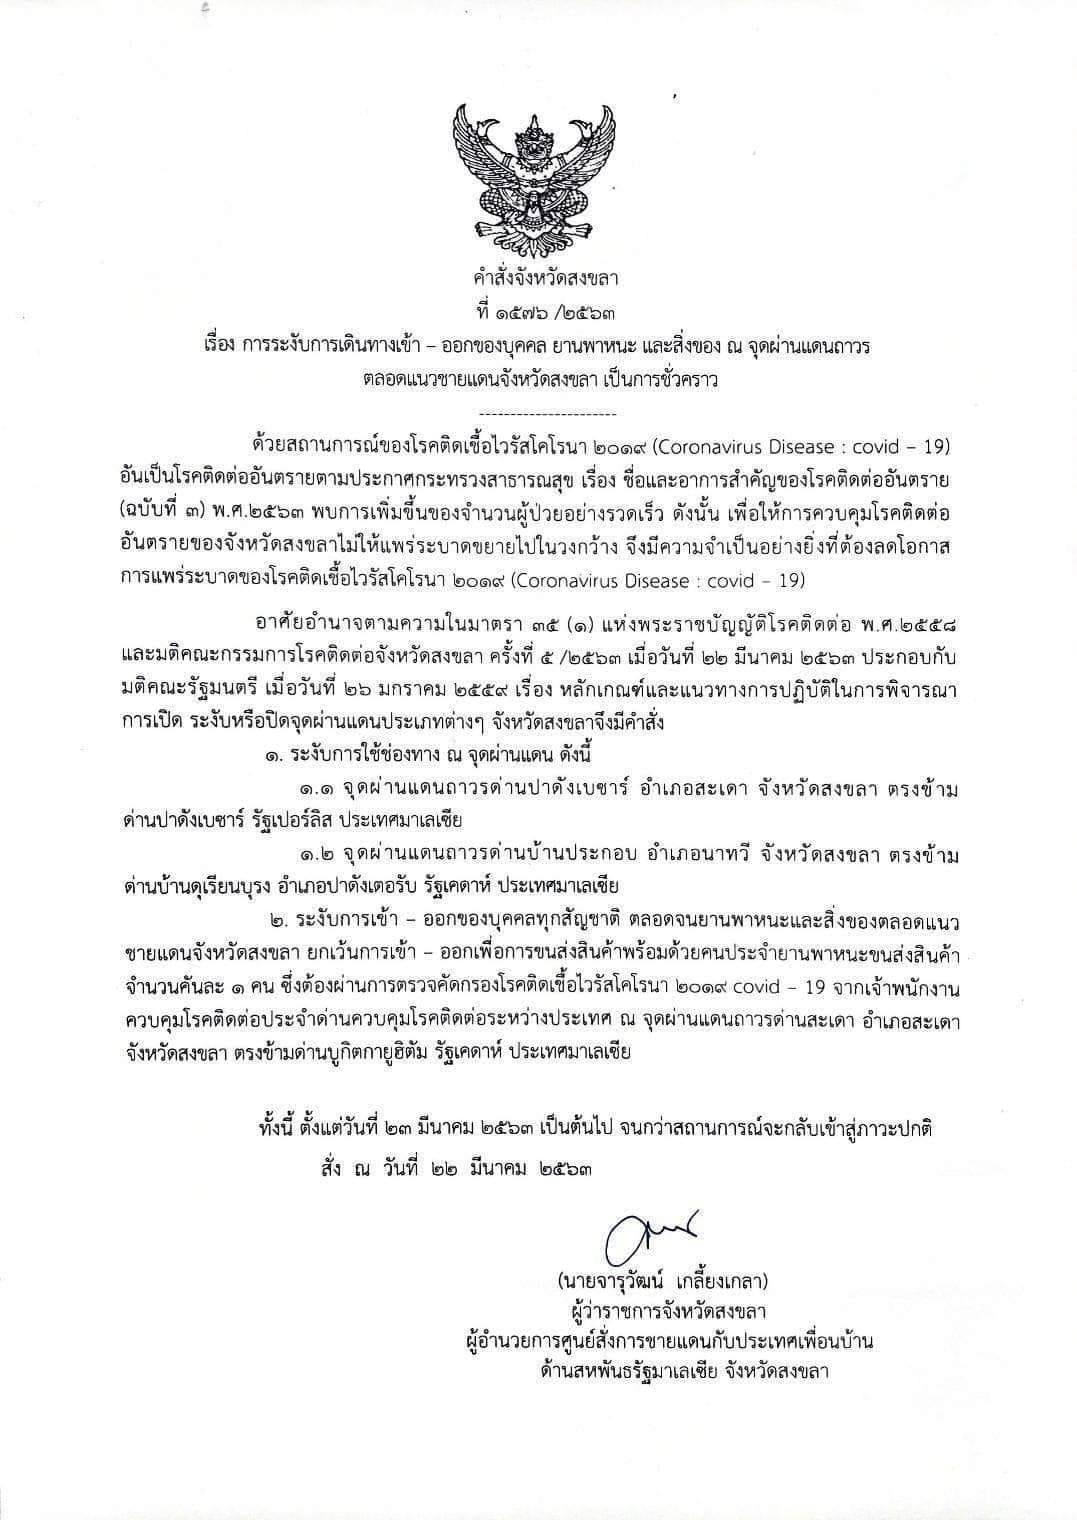 ด่วน!! คำสั่งไทย-มาเลย์ประกาศปิดด่านชายแดน